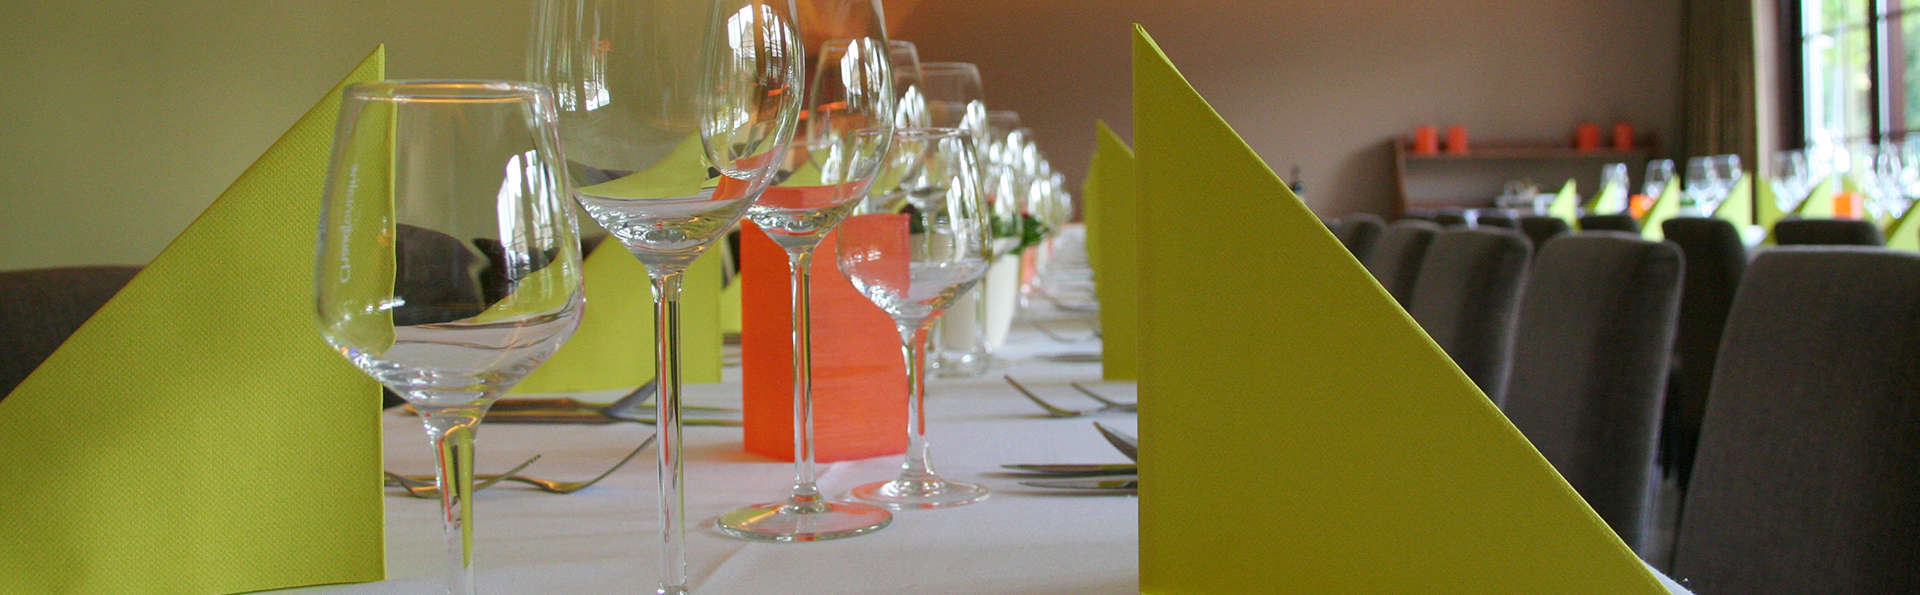 Cena en un restaurante gastronómico en Houthalen